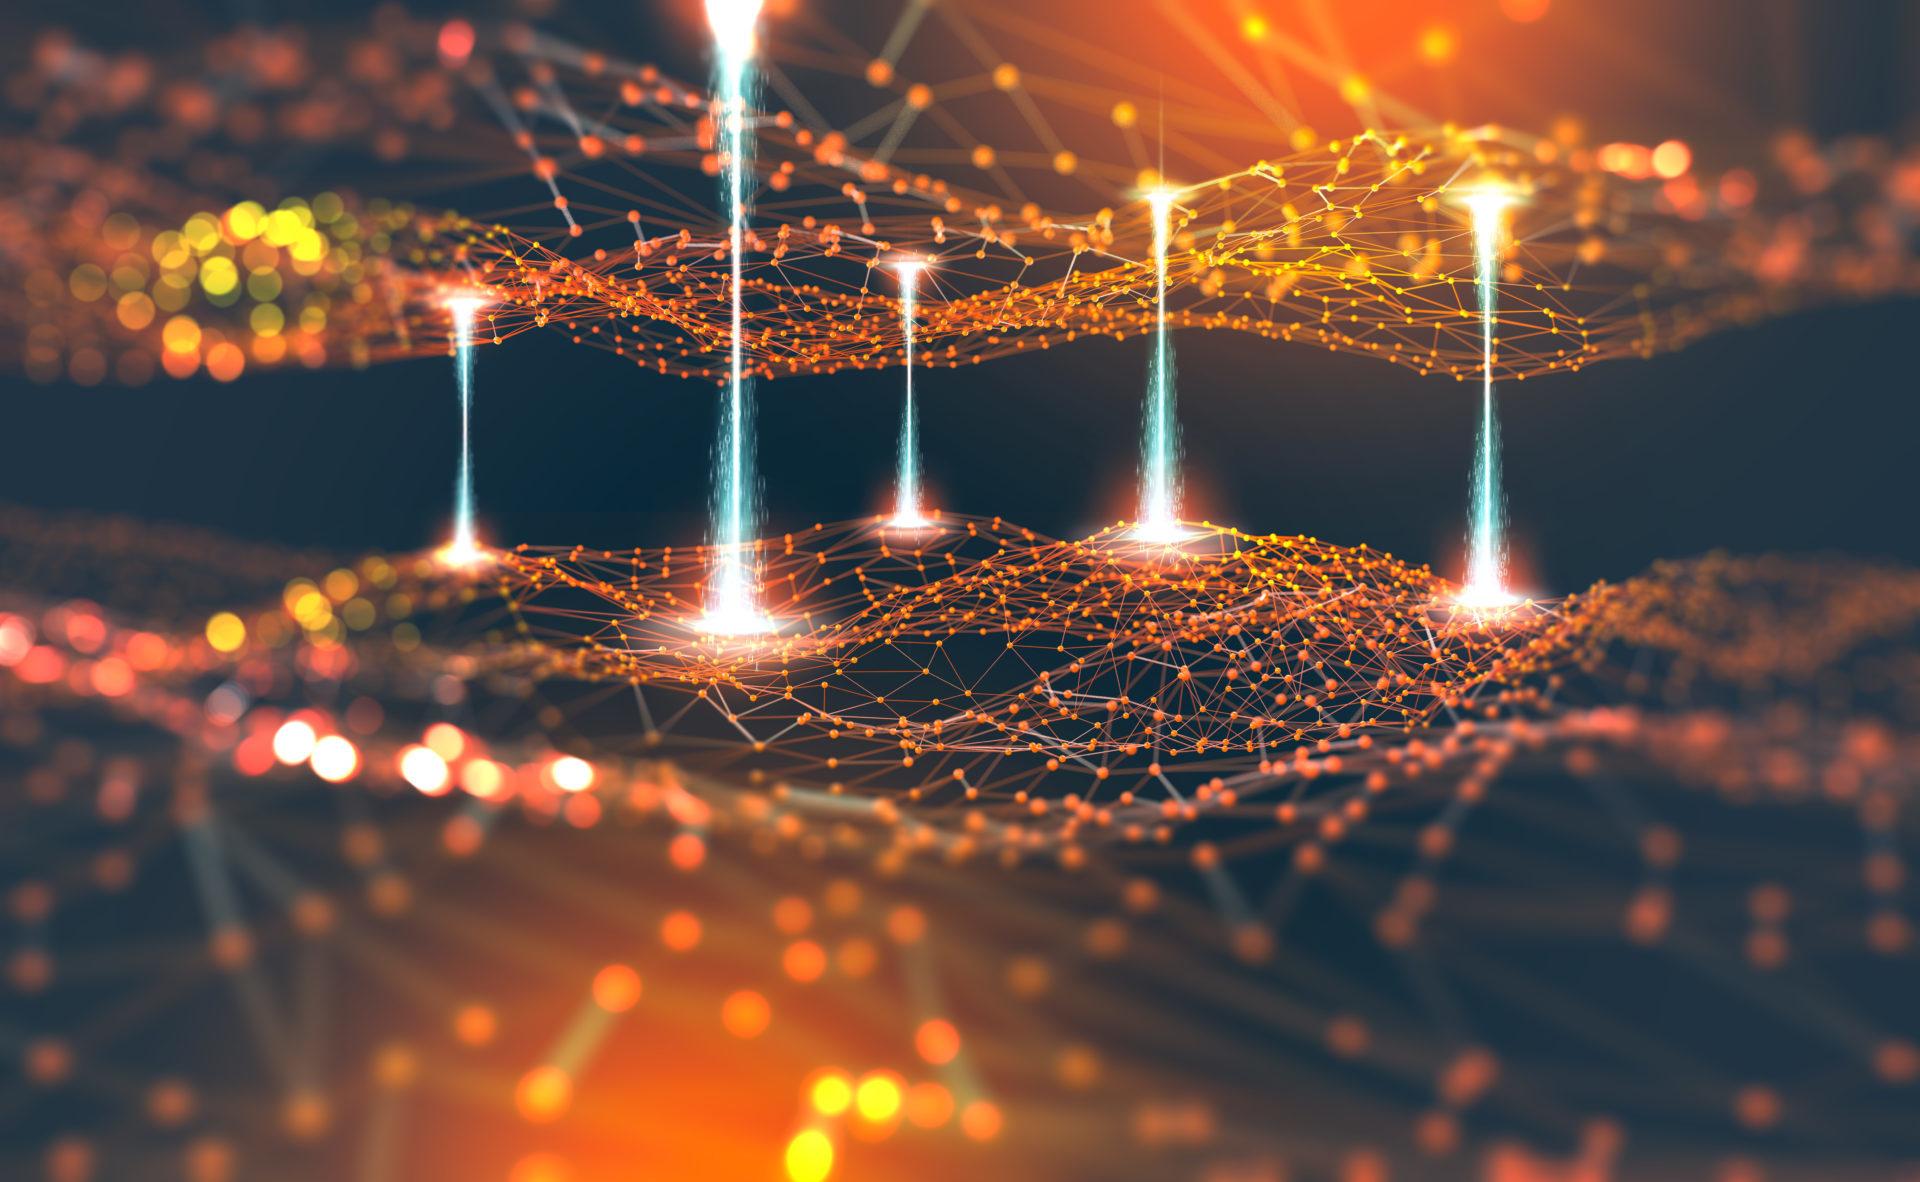 crypto price network activity